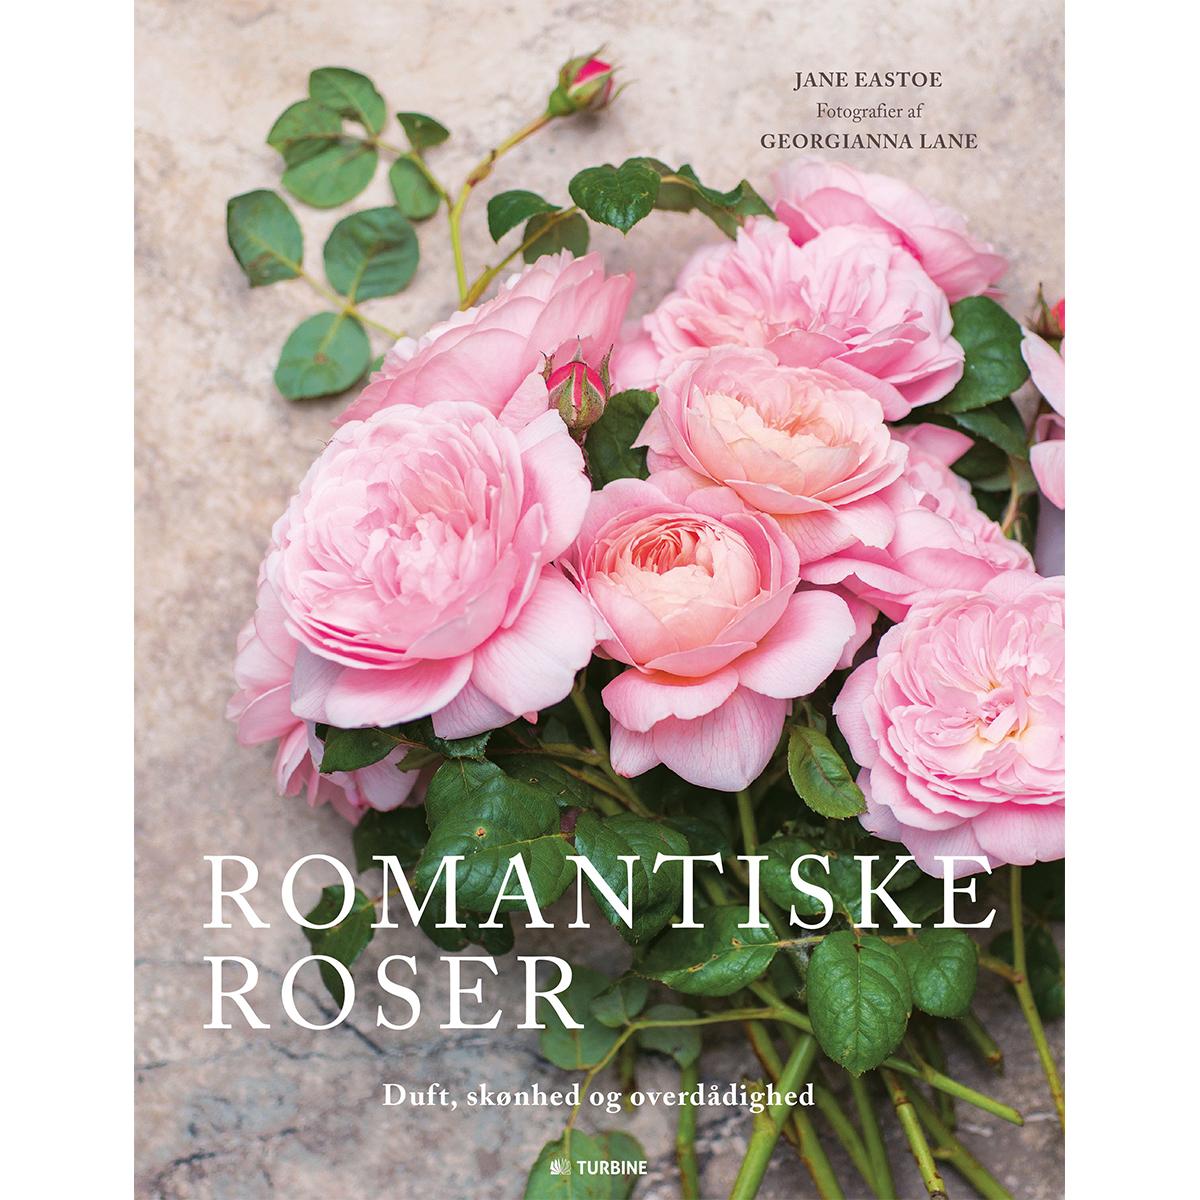 Billede af Romantiske roser - Duft, skønhed og overdådighed - Hardback